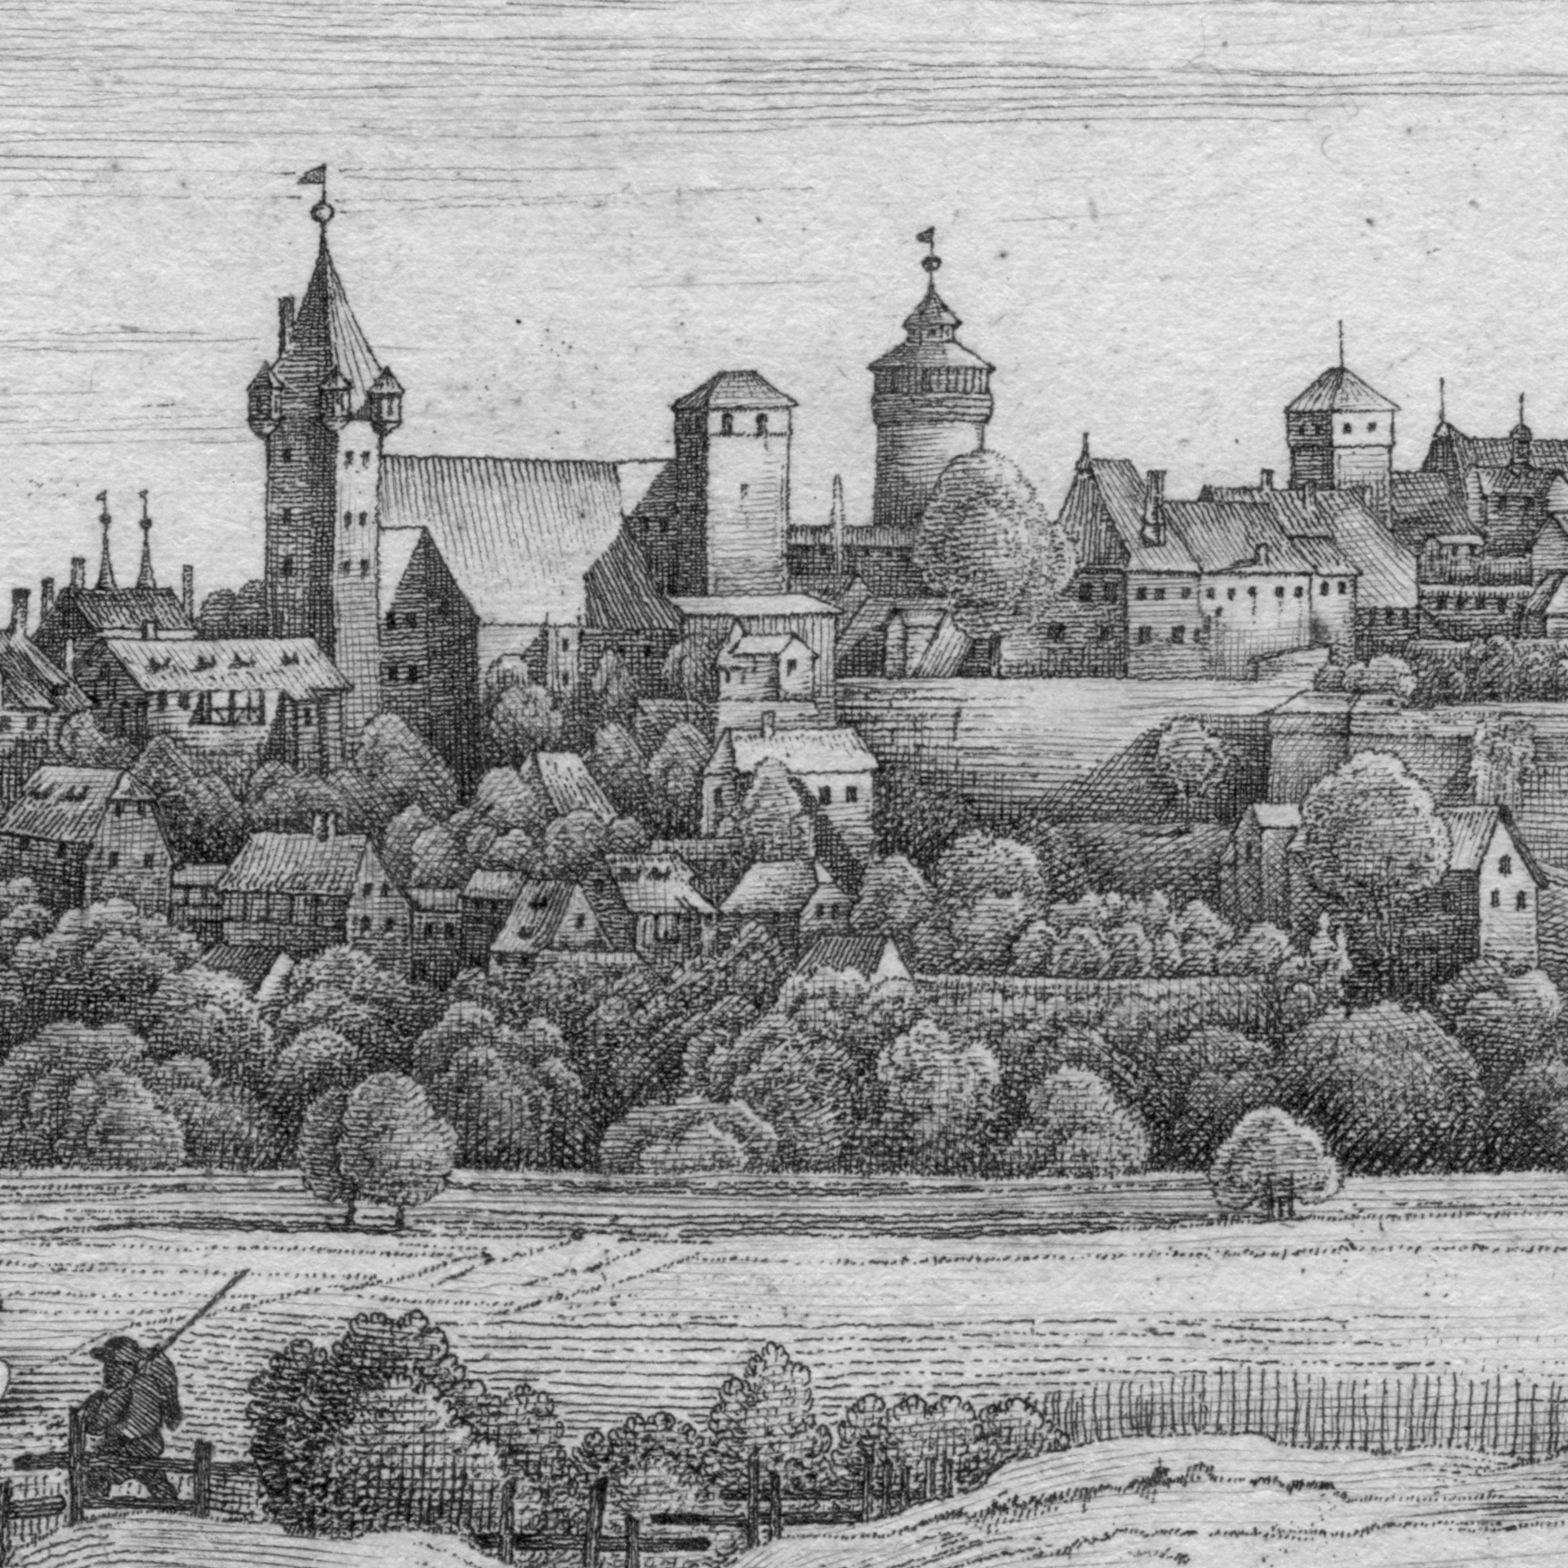 Die Burg von der Mitternacht-Seite Detailansicht mit Luginsland, Kaiserstallung, Fünfeckturm, Sinwellturm und Heidenturm